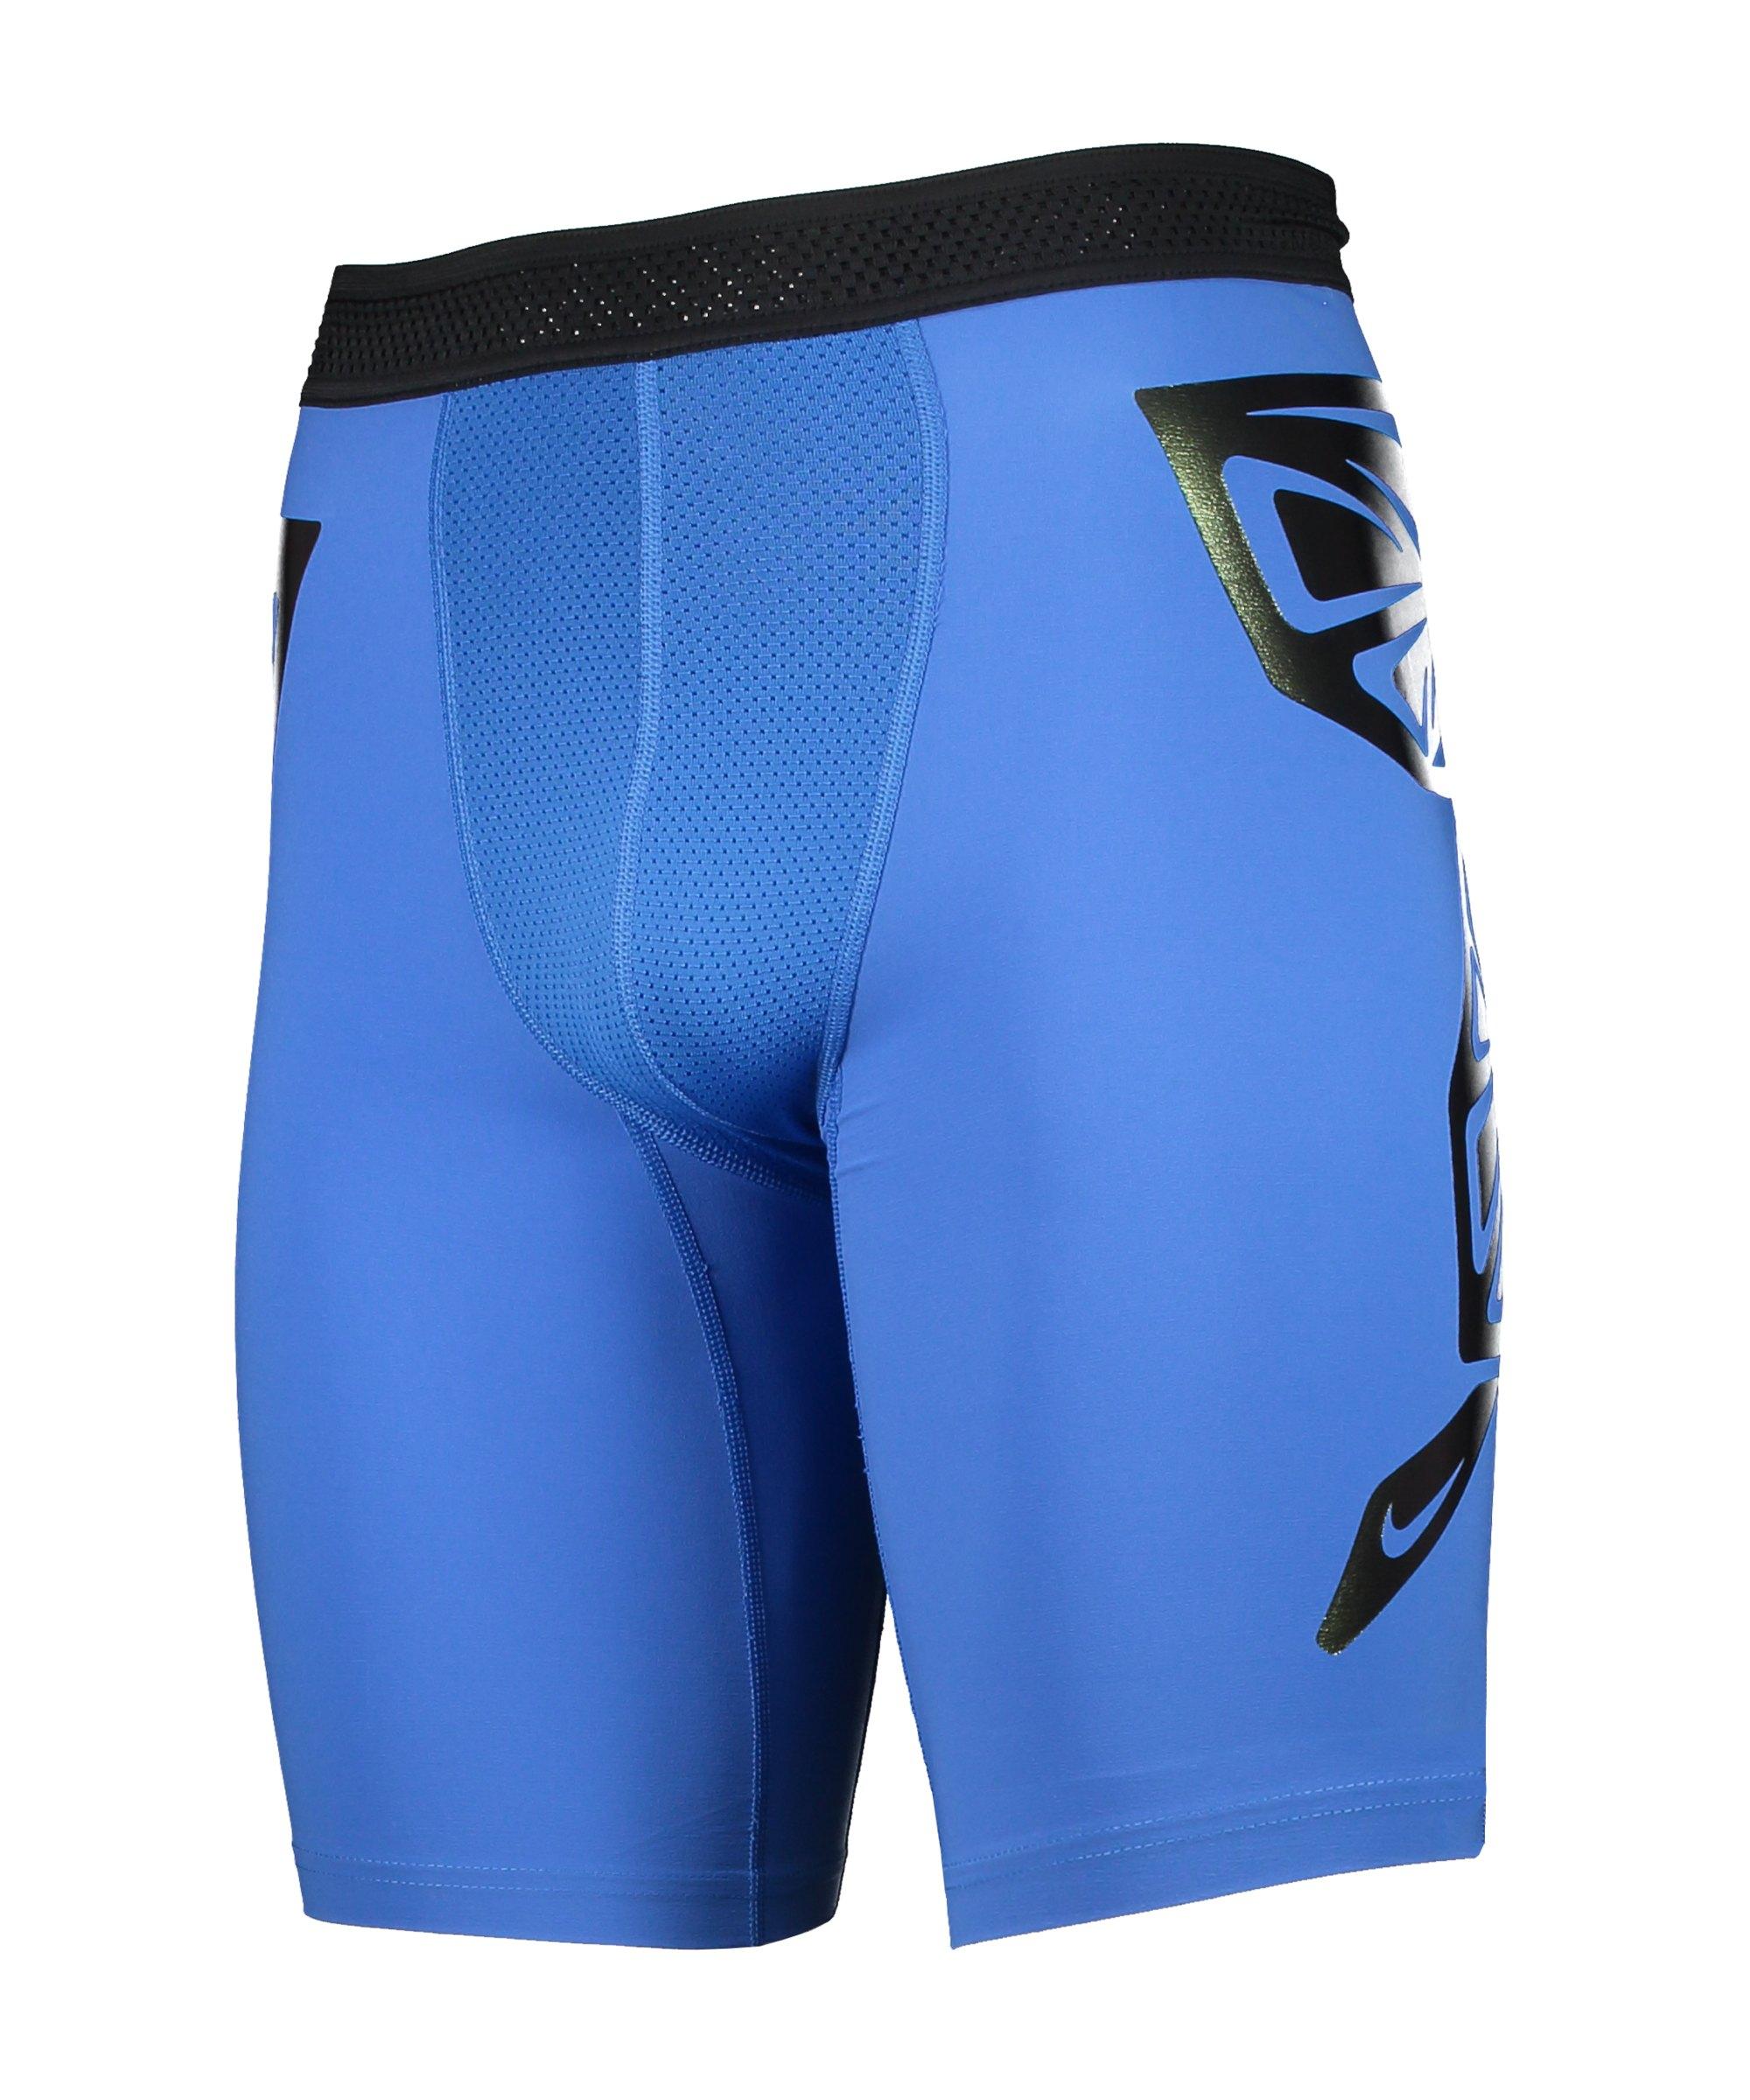 Nike Hyperstrong Short Blau F463 - blau